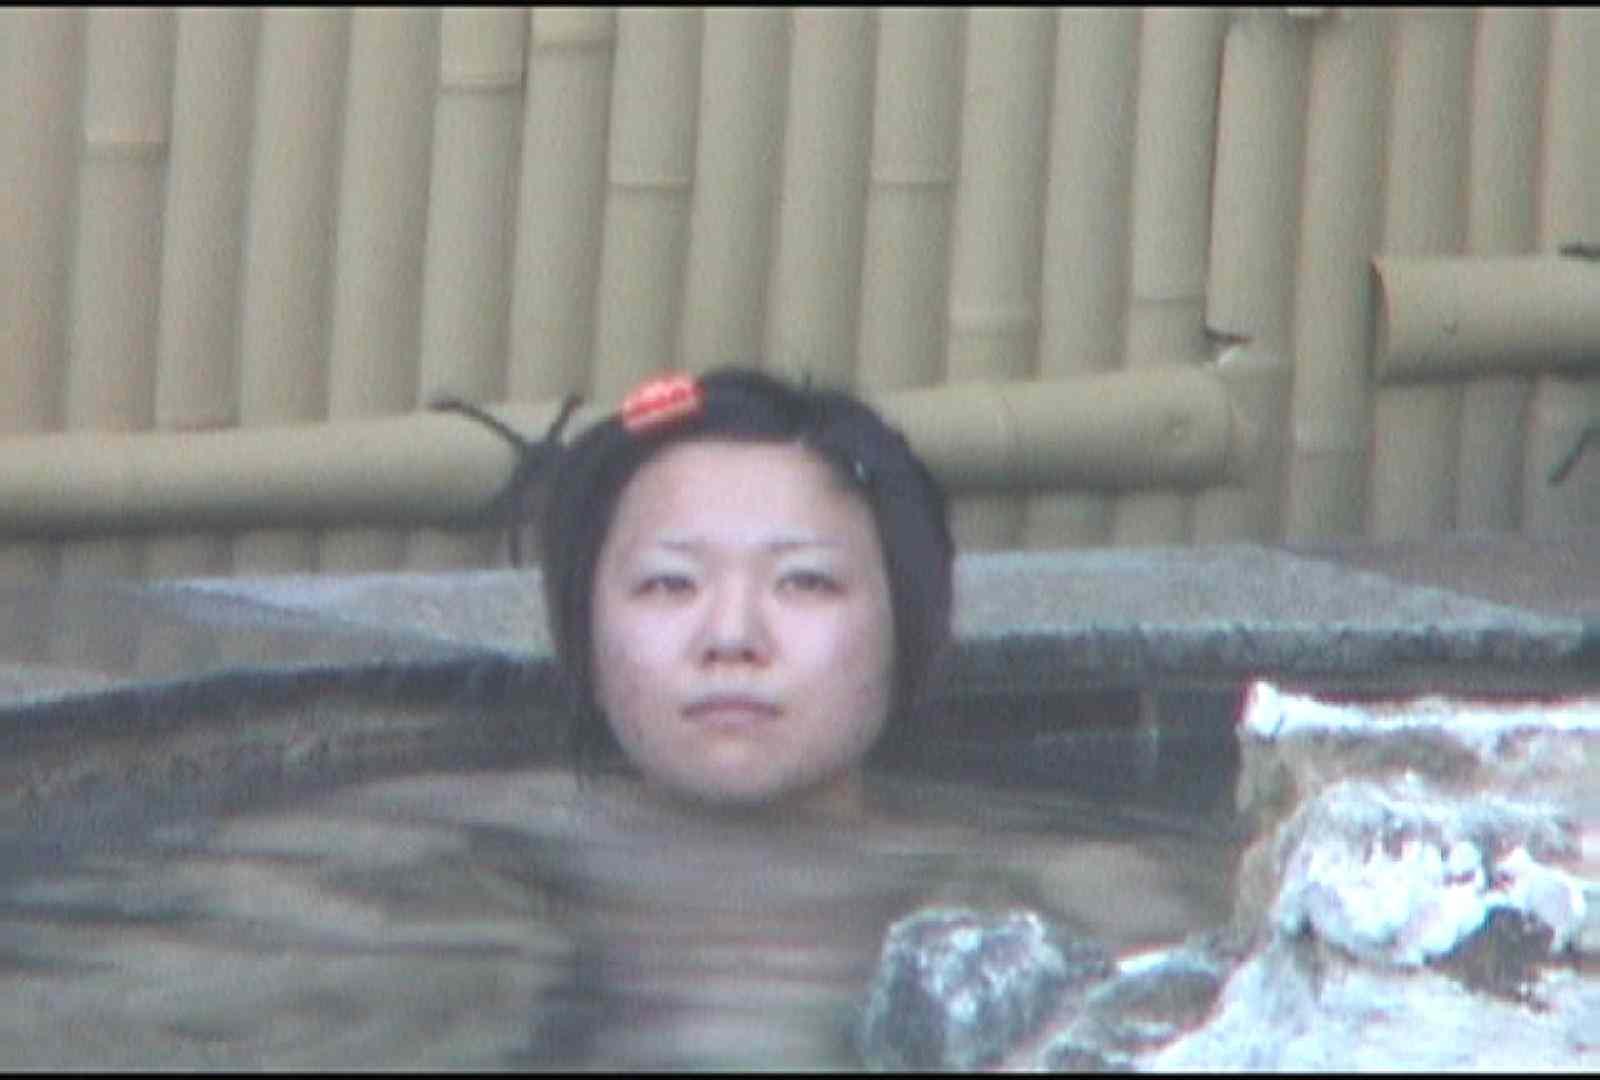 Aquaな露天風呂Vol.175 0  51pic 48